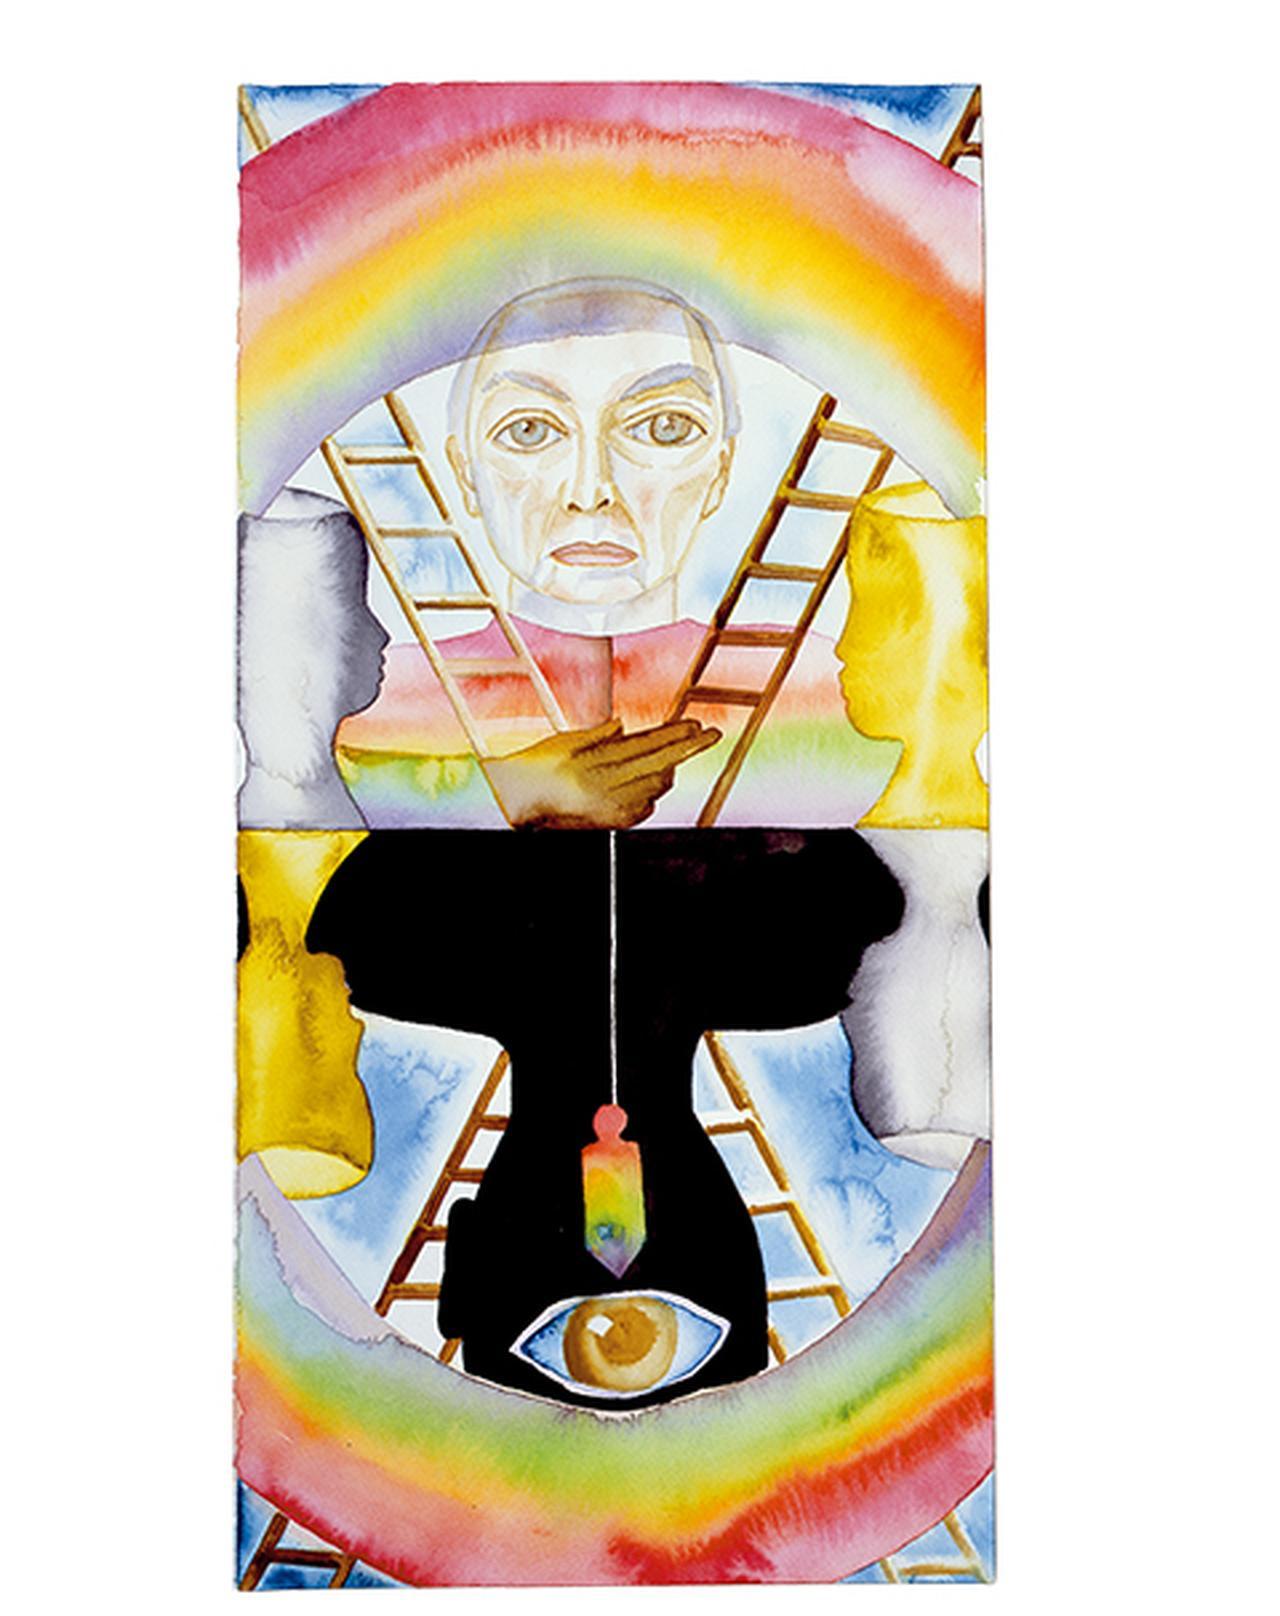 Images : フランチェスコ・ クレメンテ『タロットカード_ジャスパー・ジョーンズが教皇だったら』(2011年)